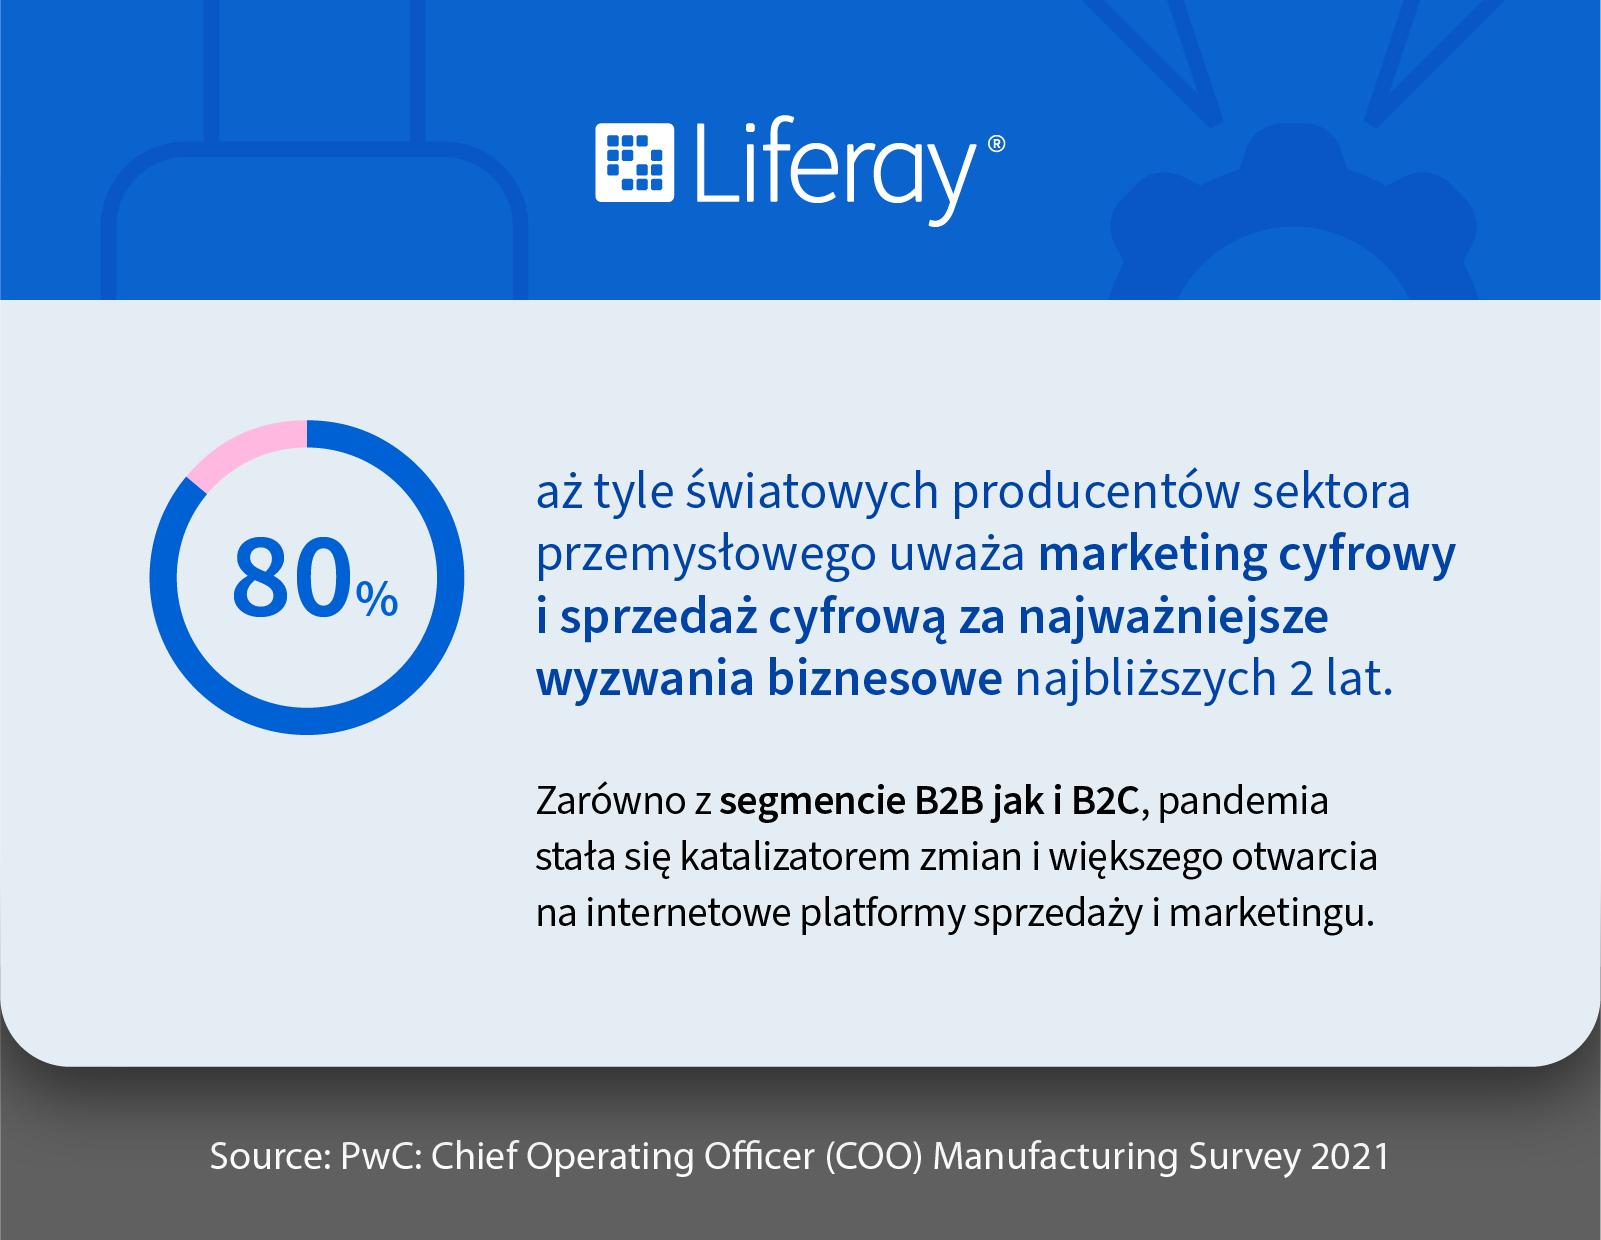 Liferay_Infographic PwC_sekcja 1